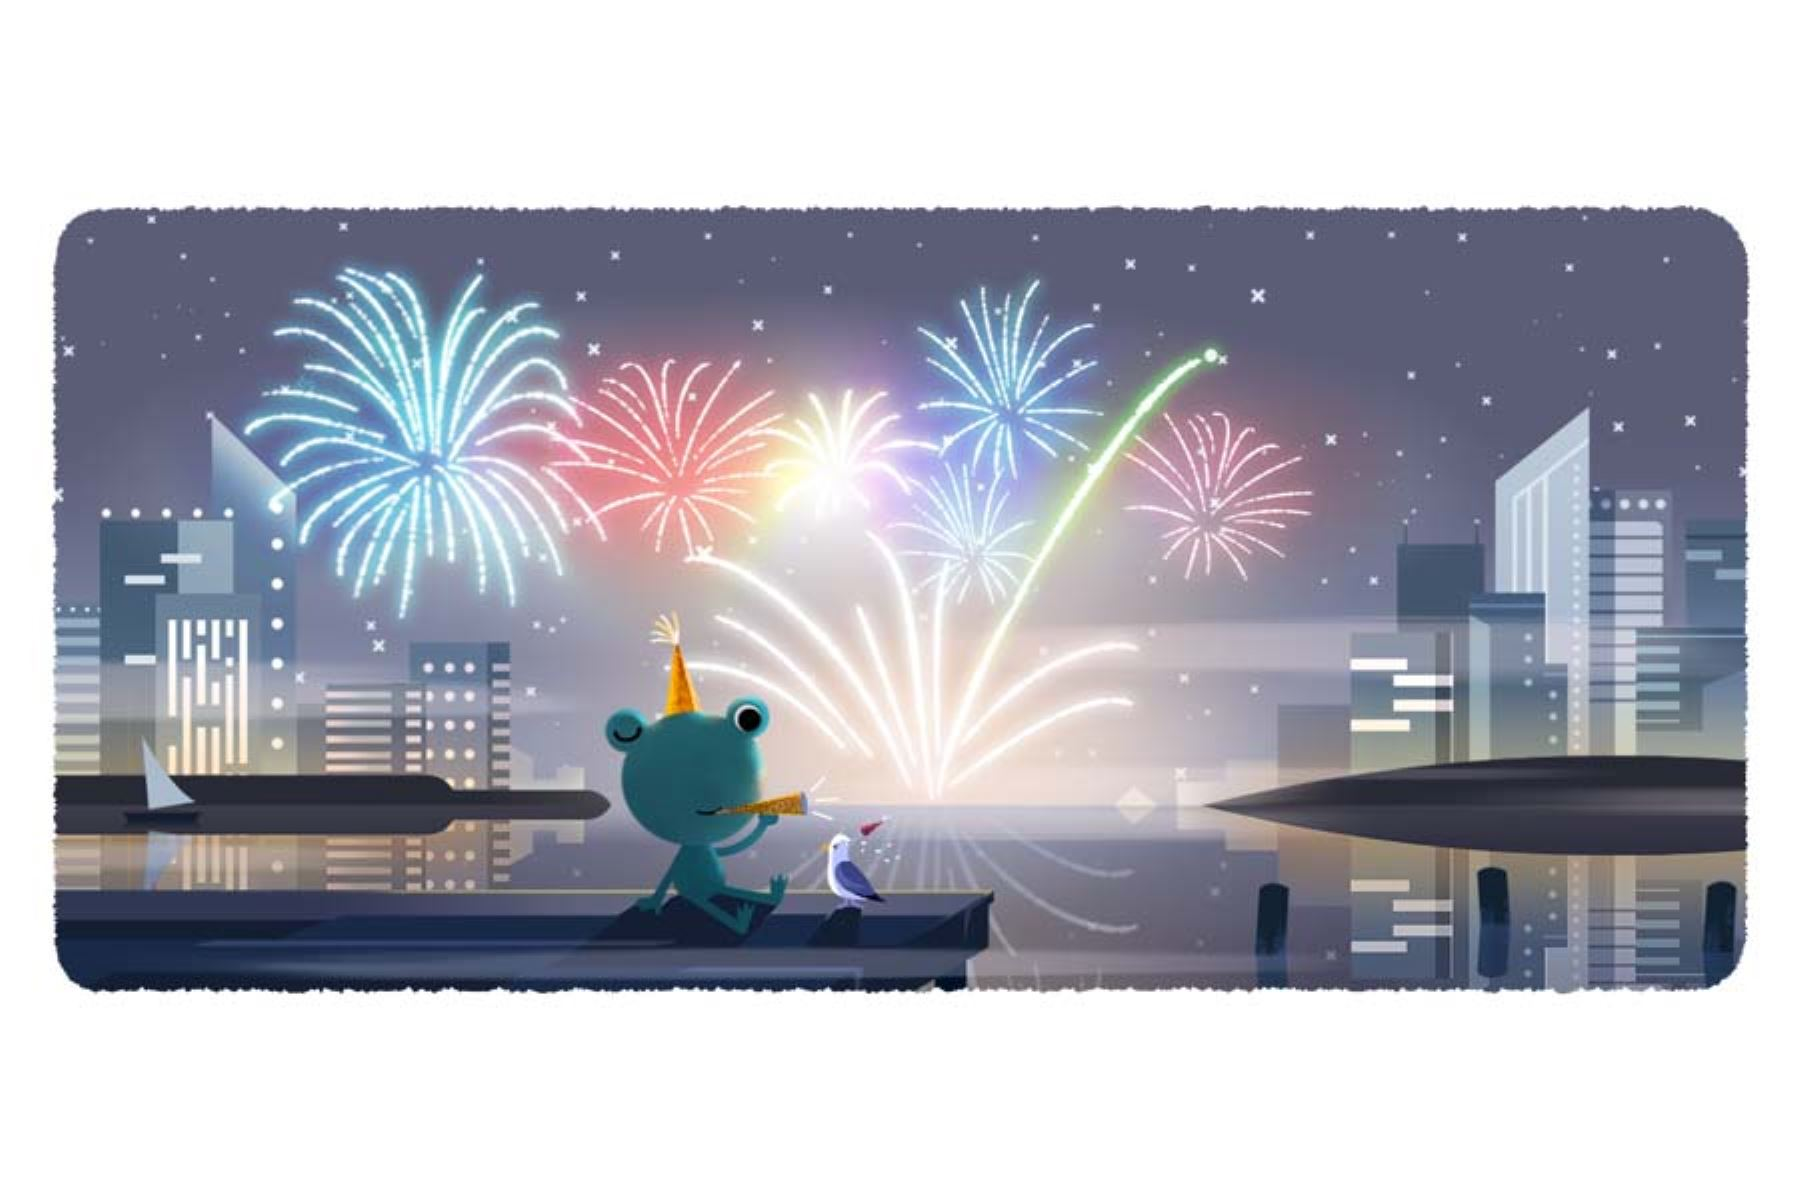 Google recibe el Año Nuevo 2020 con un Doodle interactivo